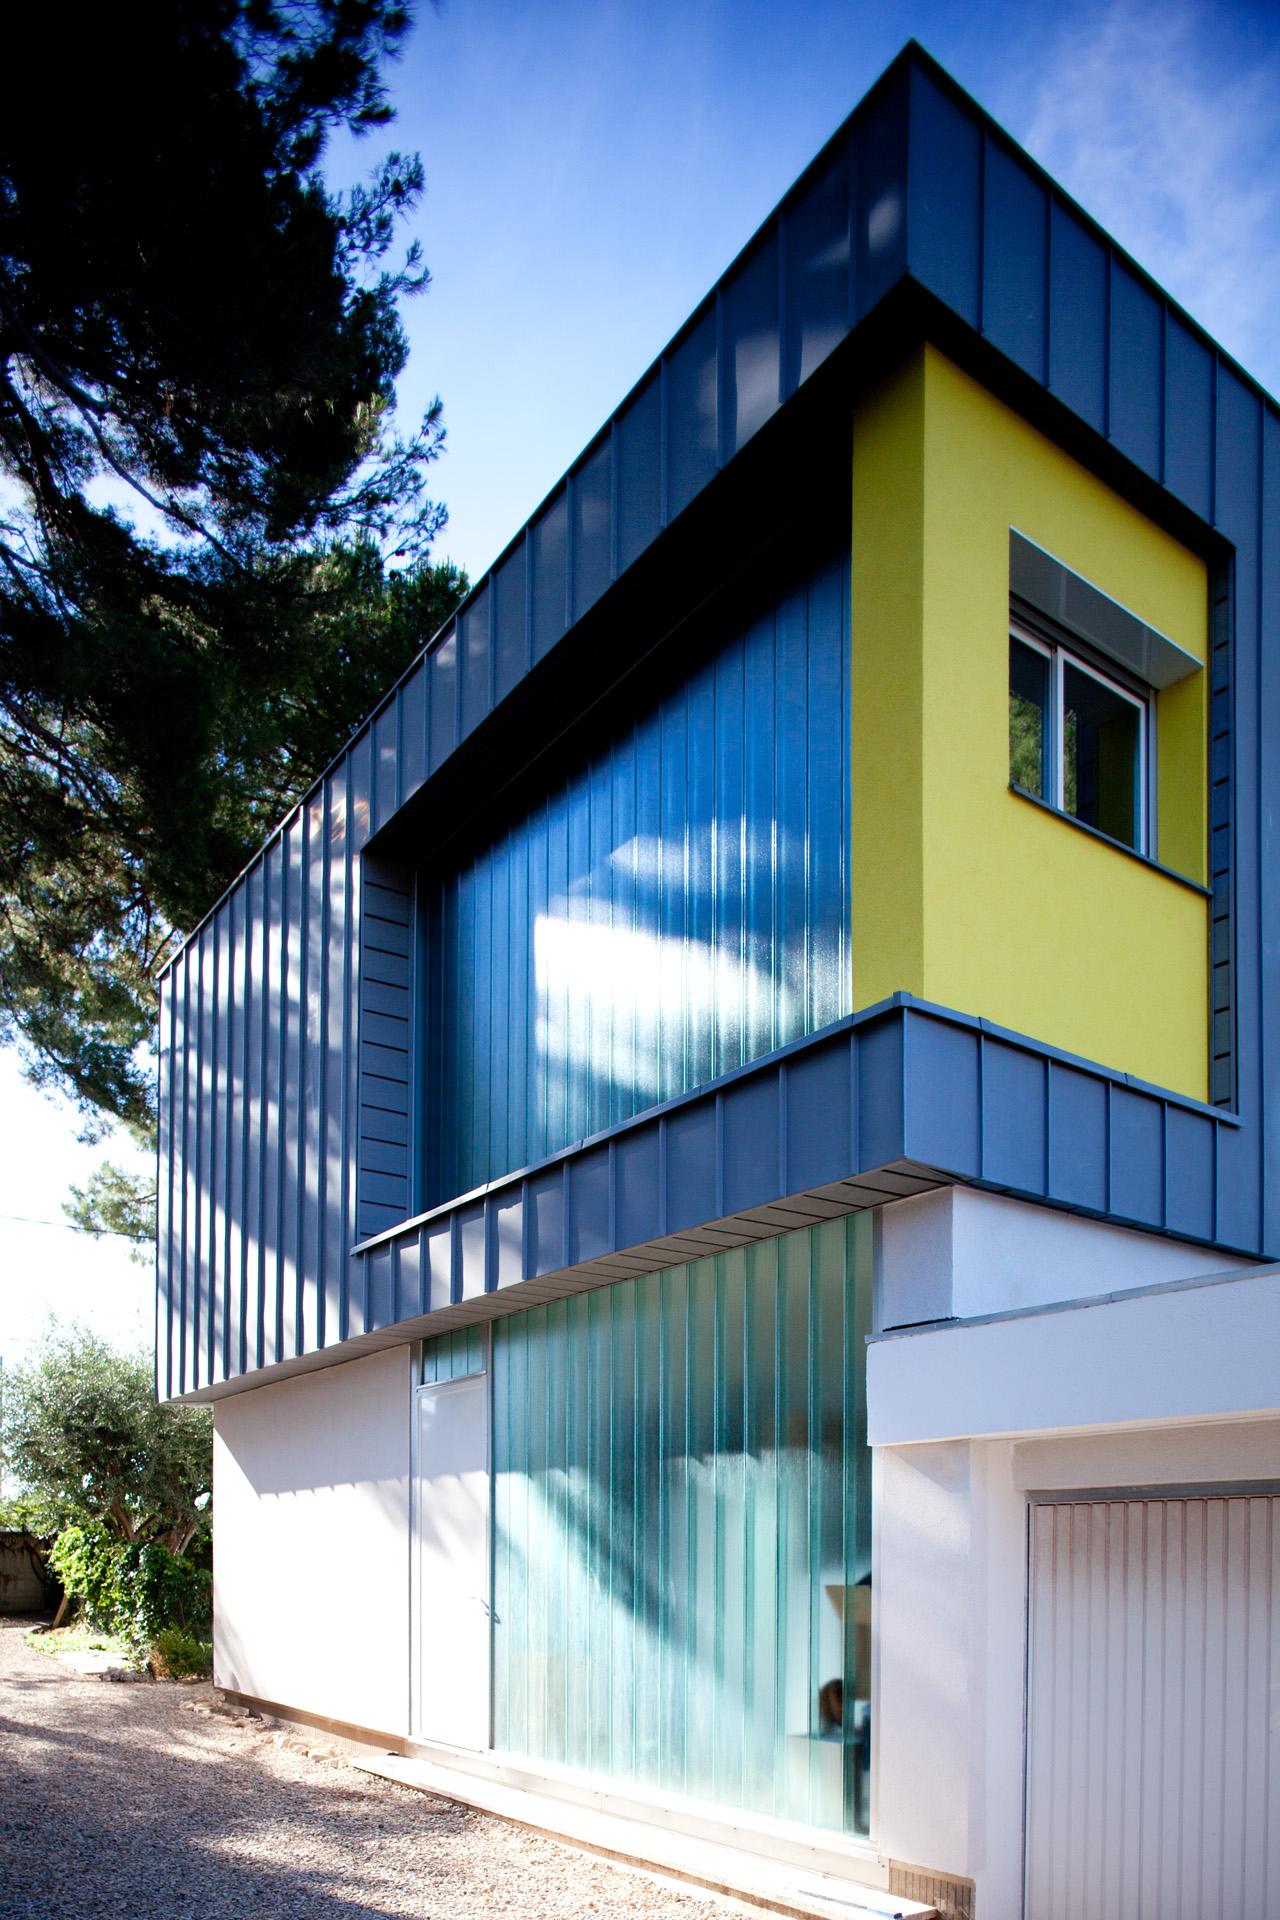 appartement bbc v lhenry architecture. Black Bedroom Furniture Sets. Home Design Ideas